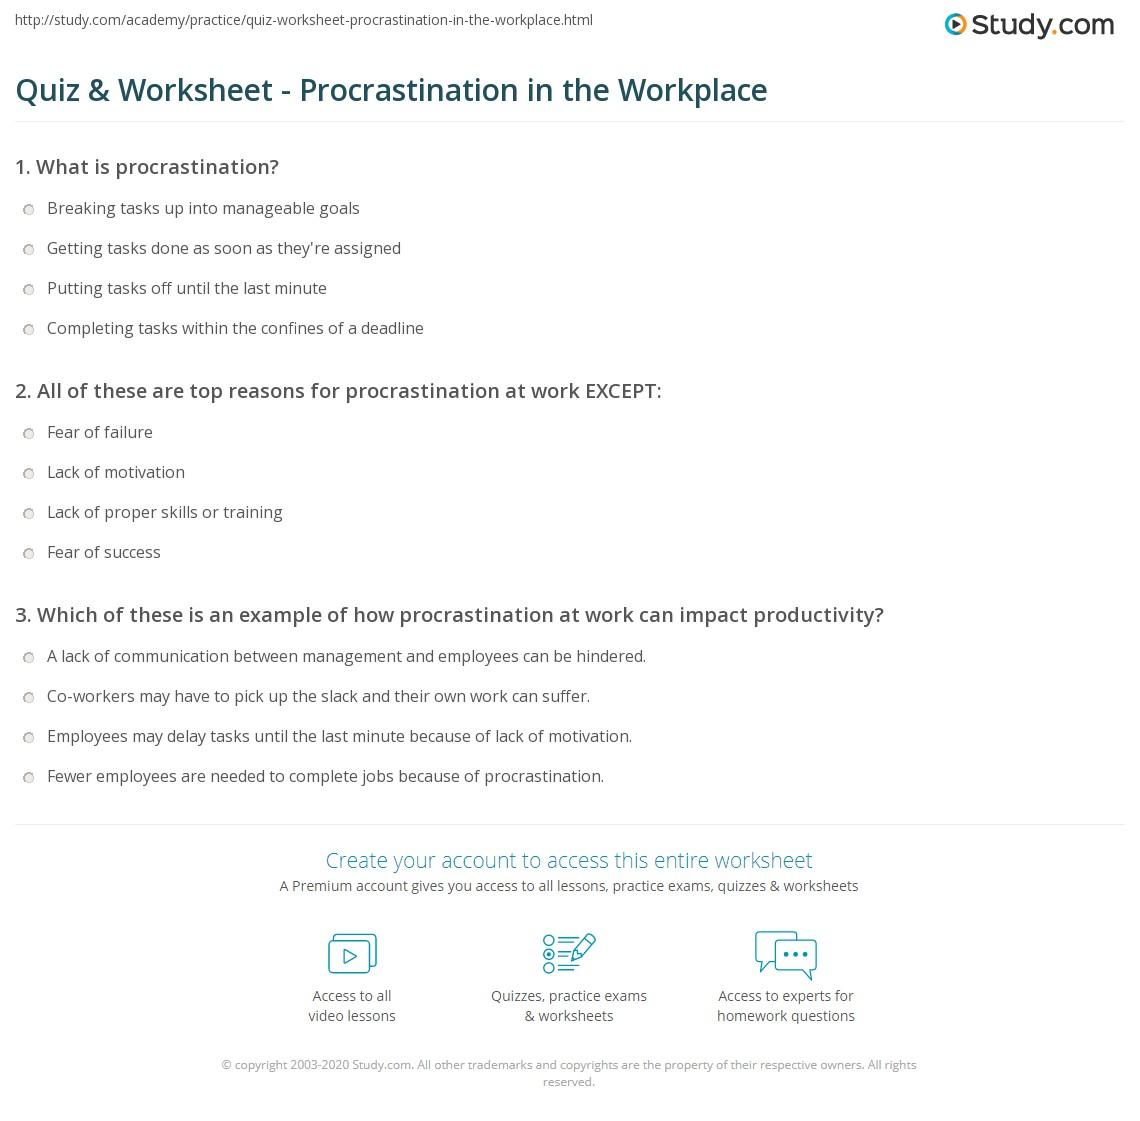 Cbt Procrastination Worksheet - The Best and Most Comprehensive ...